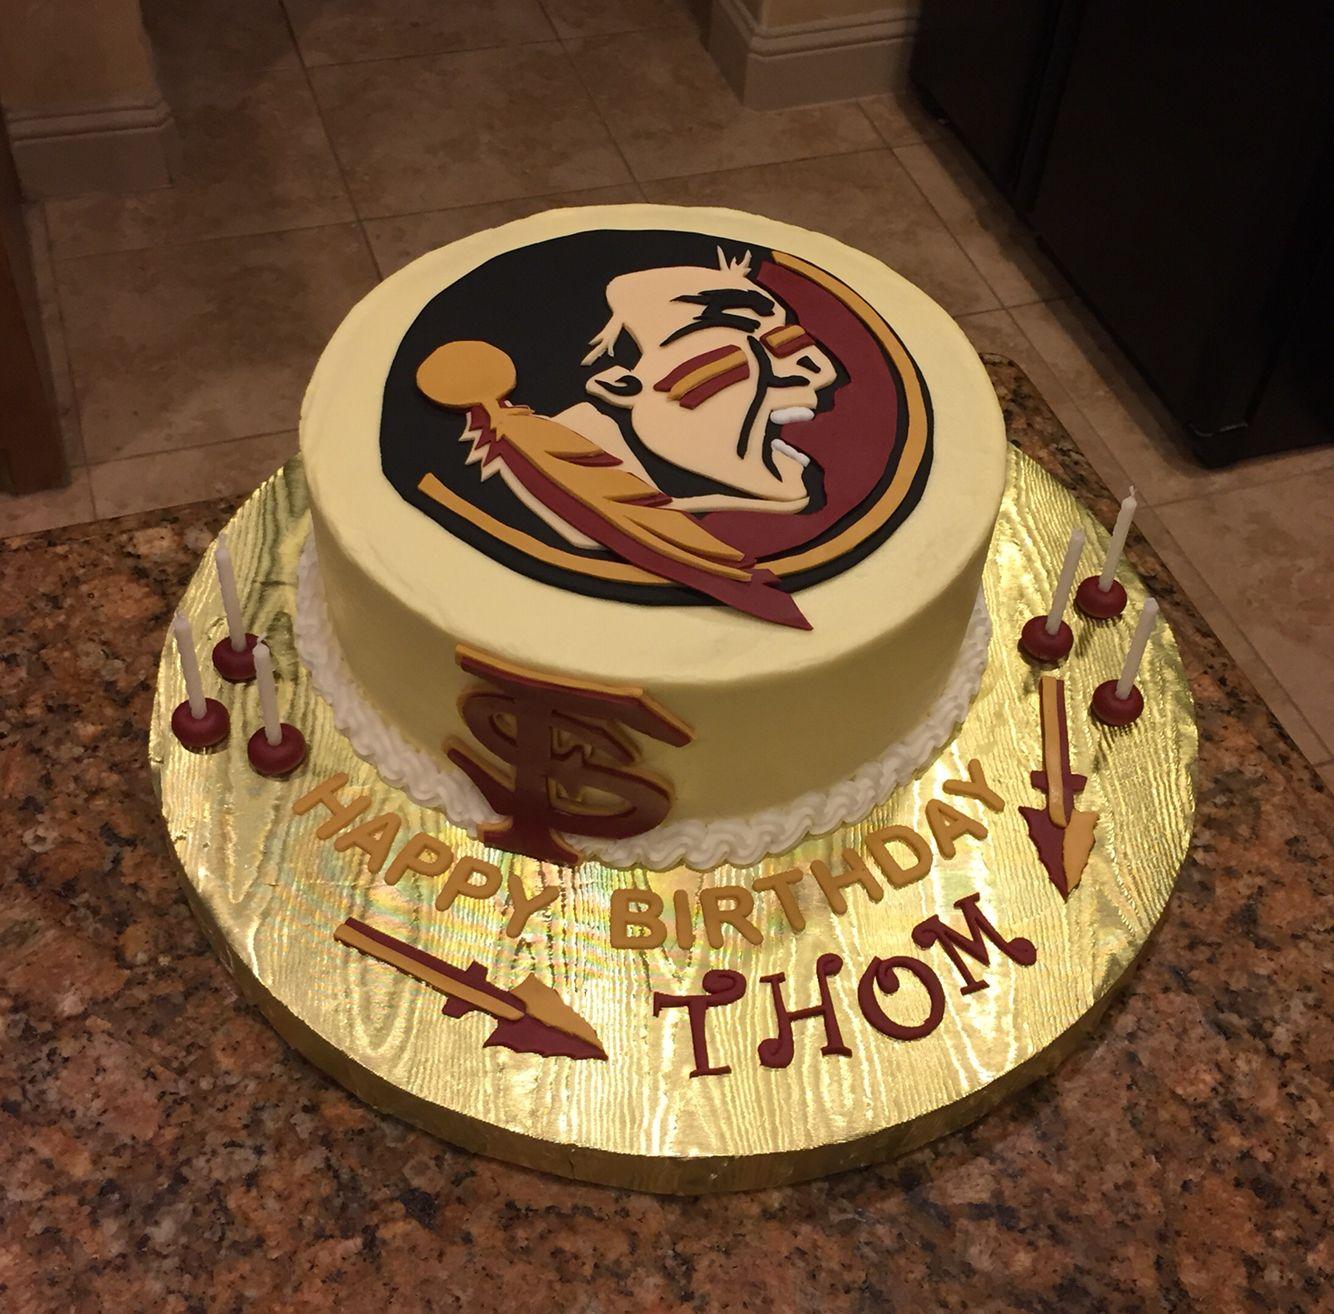 Florida State University Cake Go Seminoles Cake Design